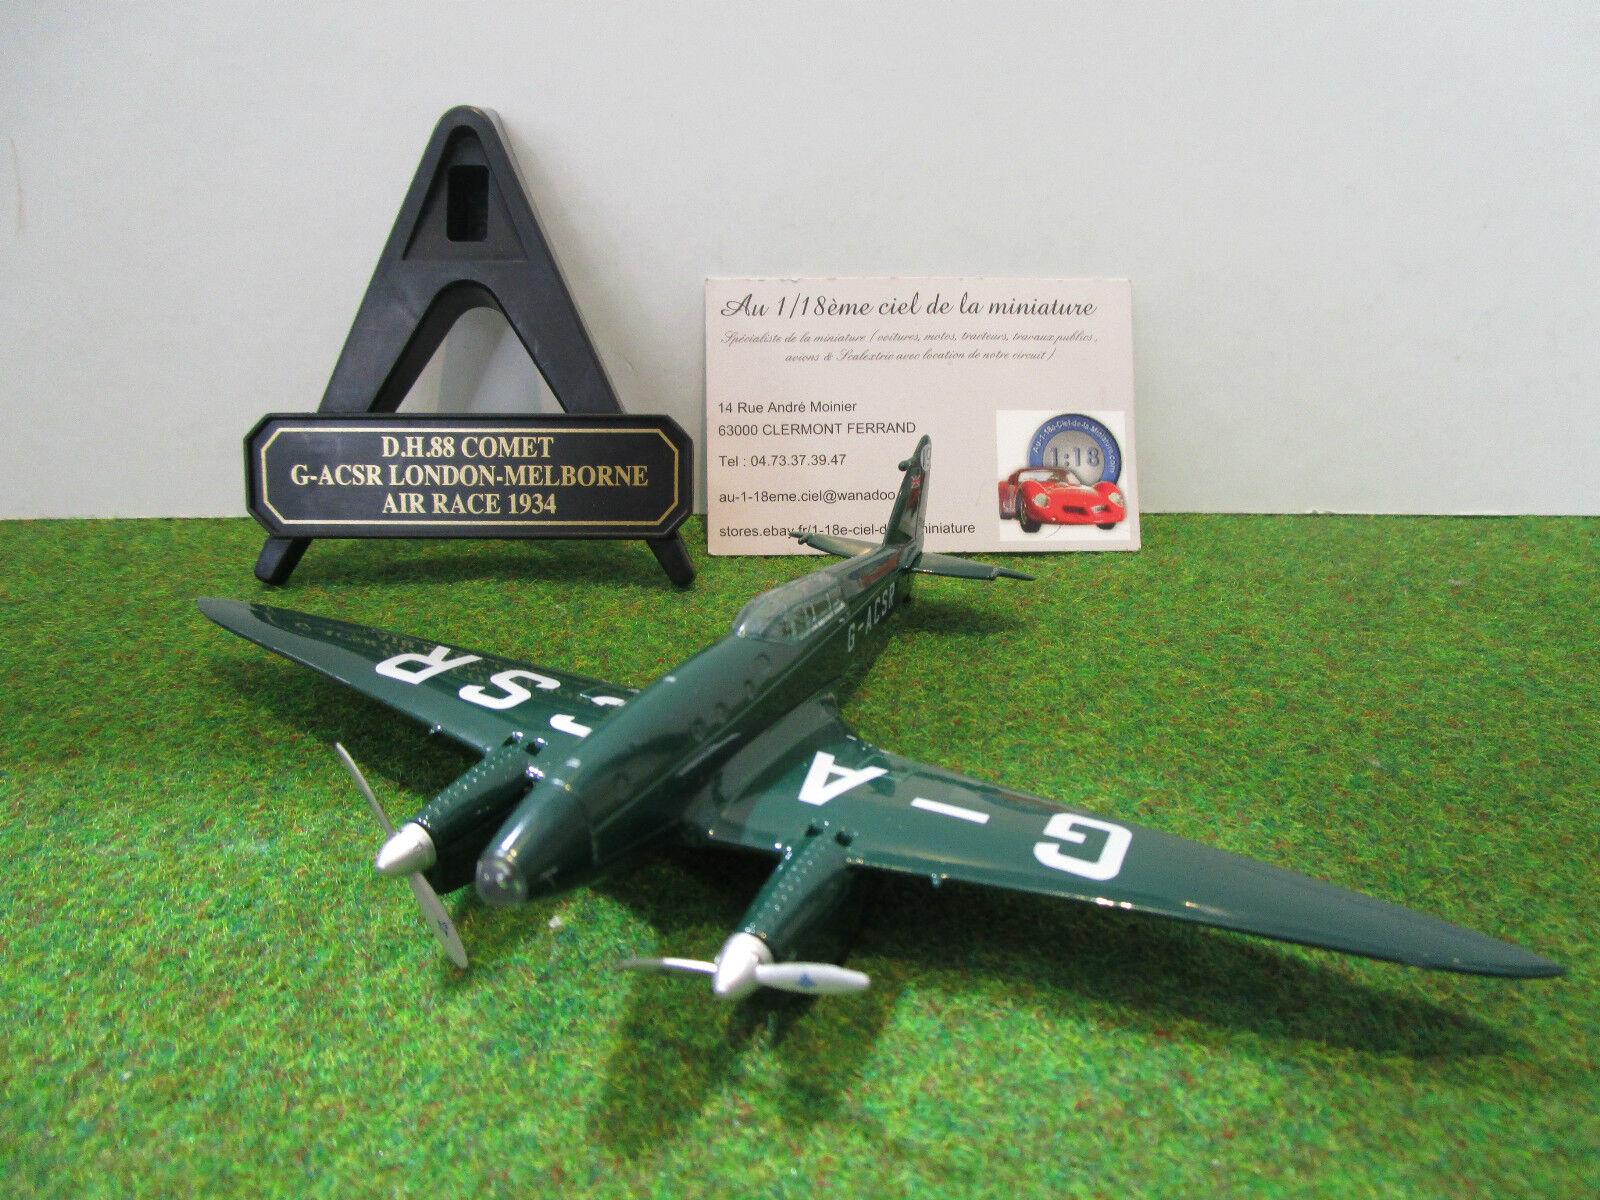 DH 88 COMET  G-ACSR de 1934 vert 1 72 OXFORD 72COM003 avion militaire collection  haute qualité